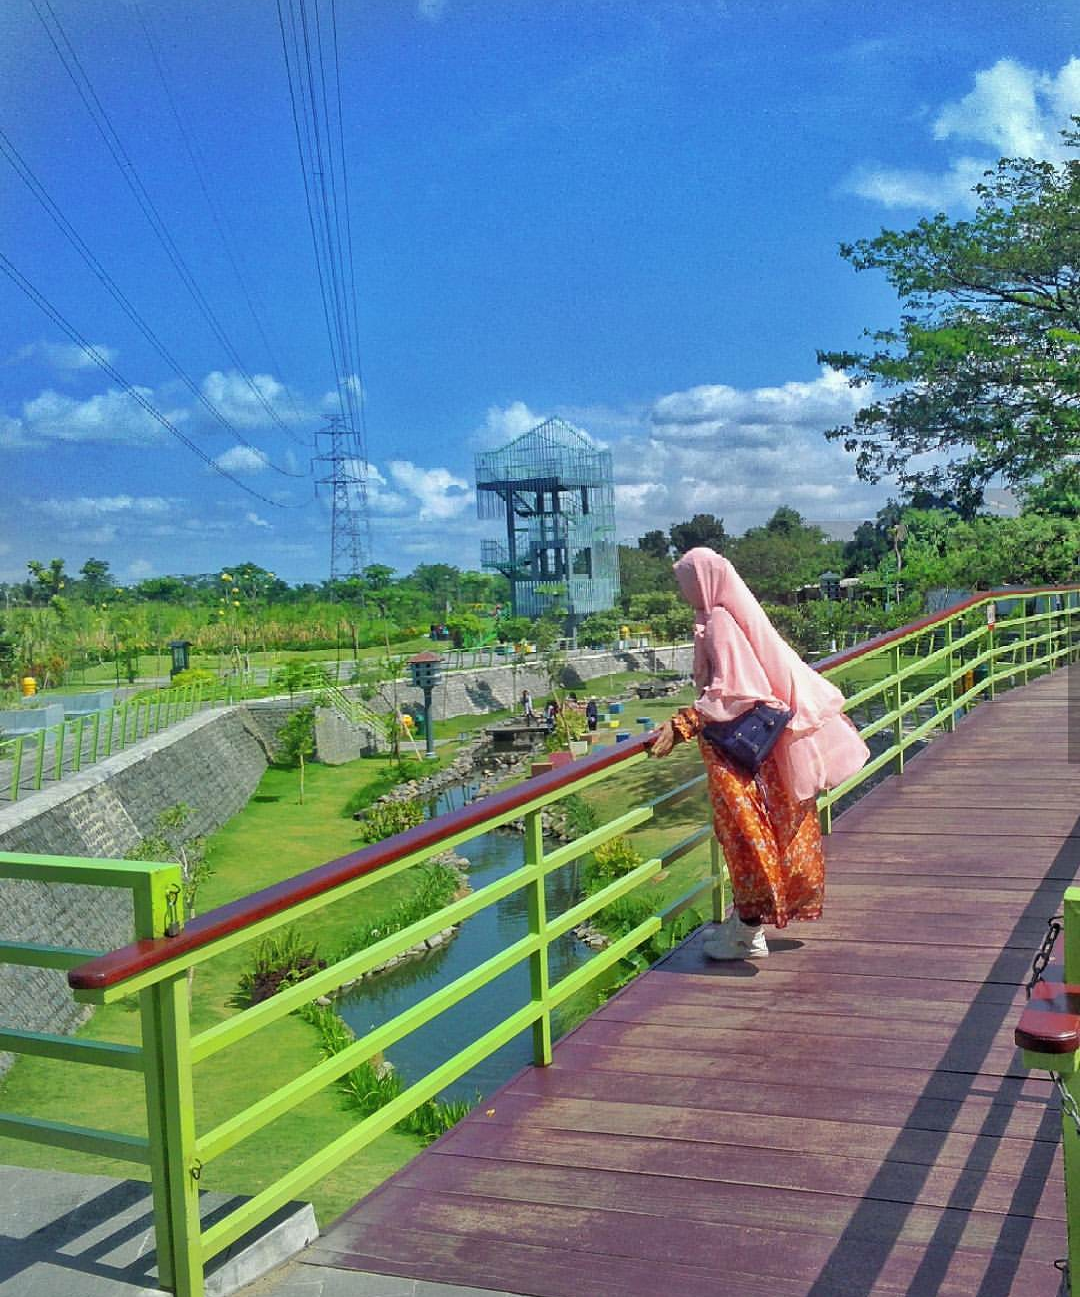 Lokasi Rute Taman Hijau Slg Kediri Terbaru 2018 Harga Tiket